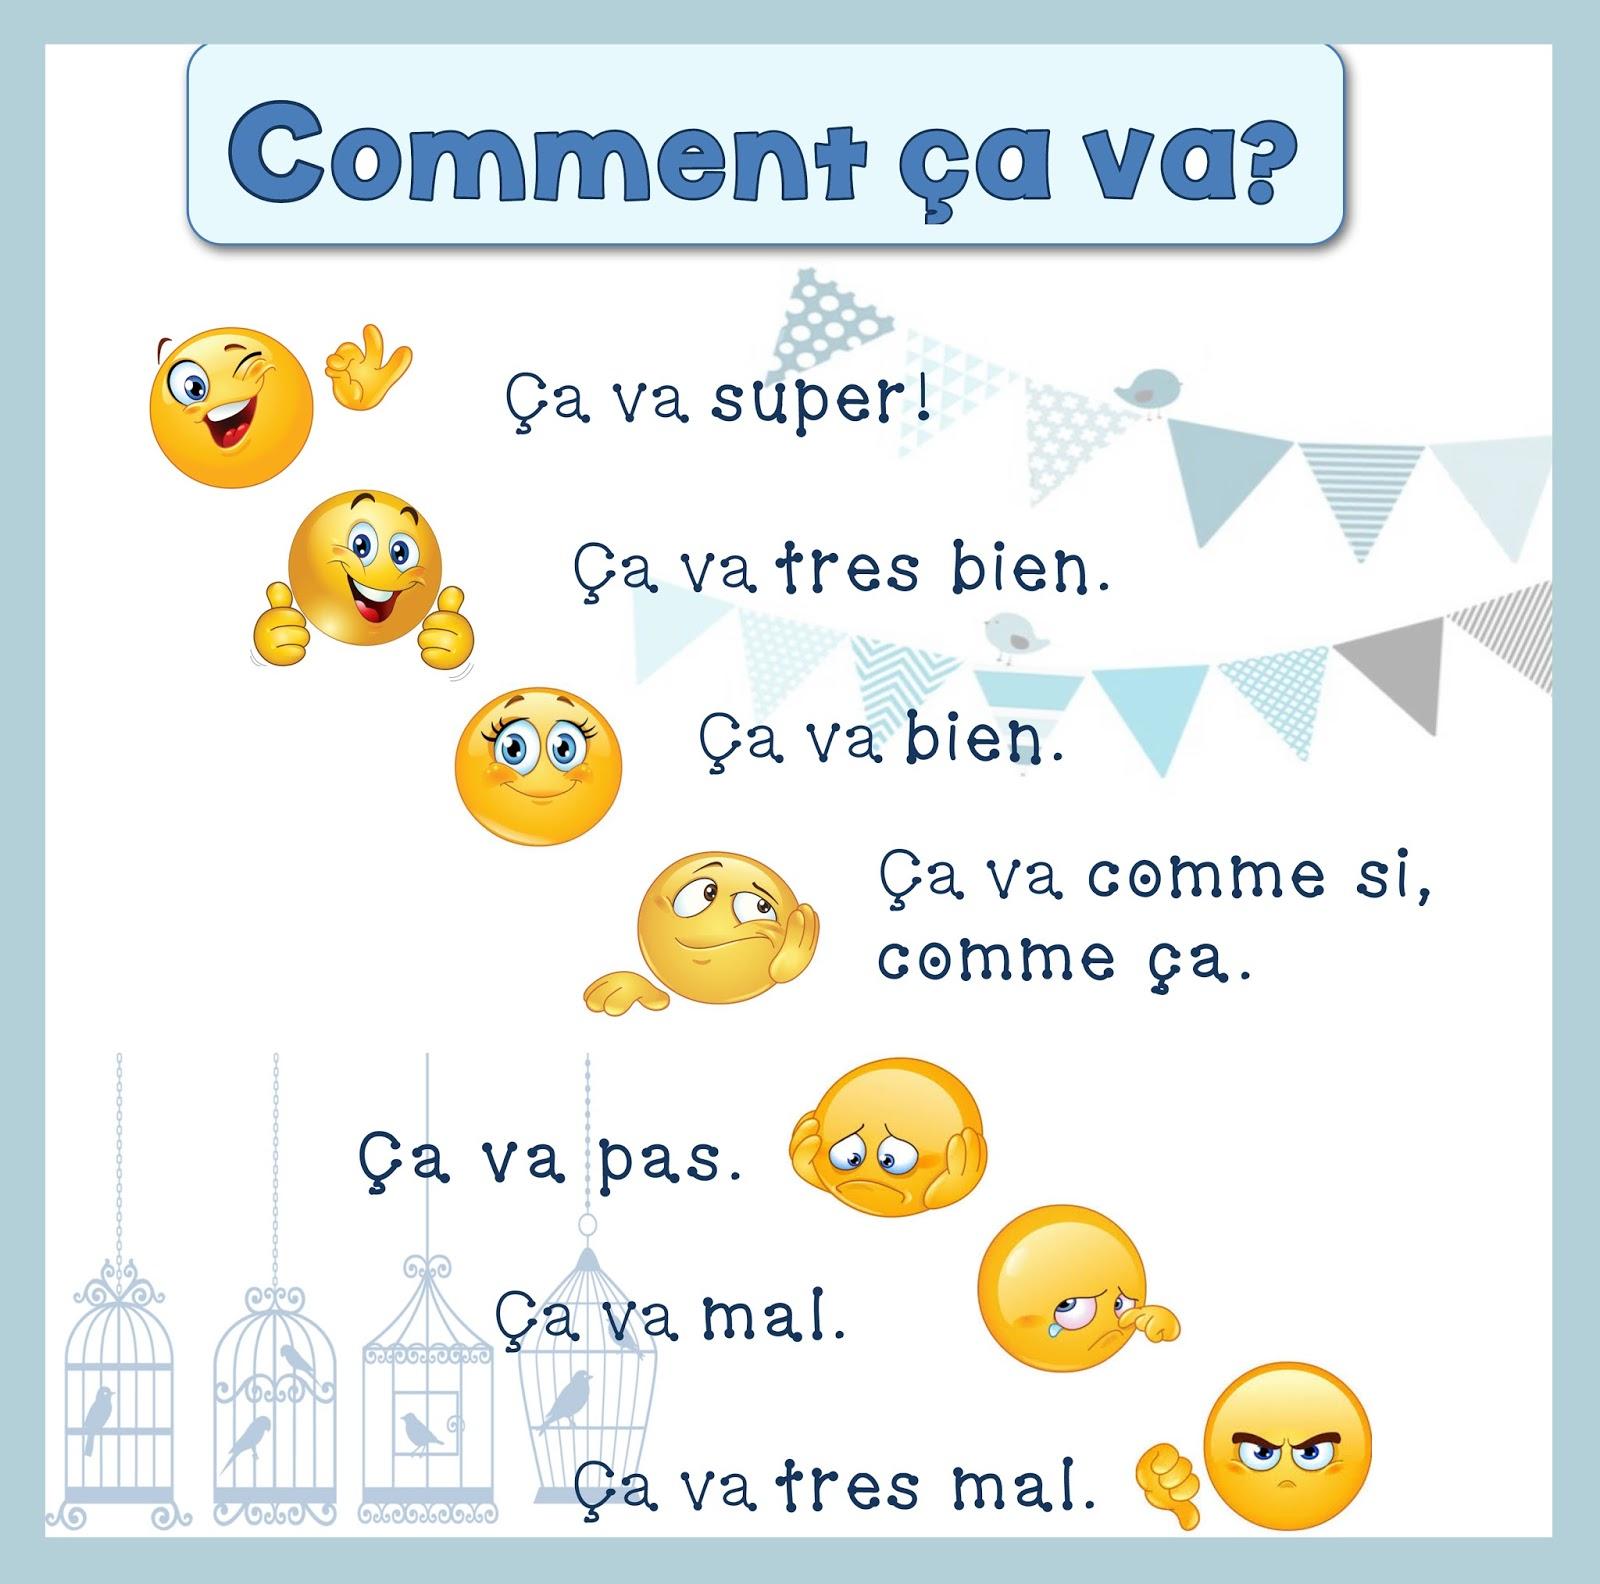 Podstawowe zwroty - pytanie o samopoczucie 1 - Francuski przy kawie